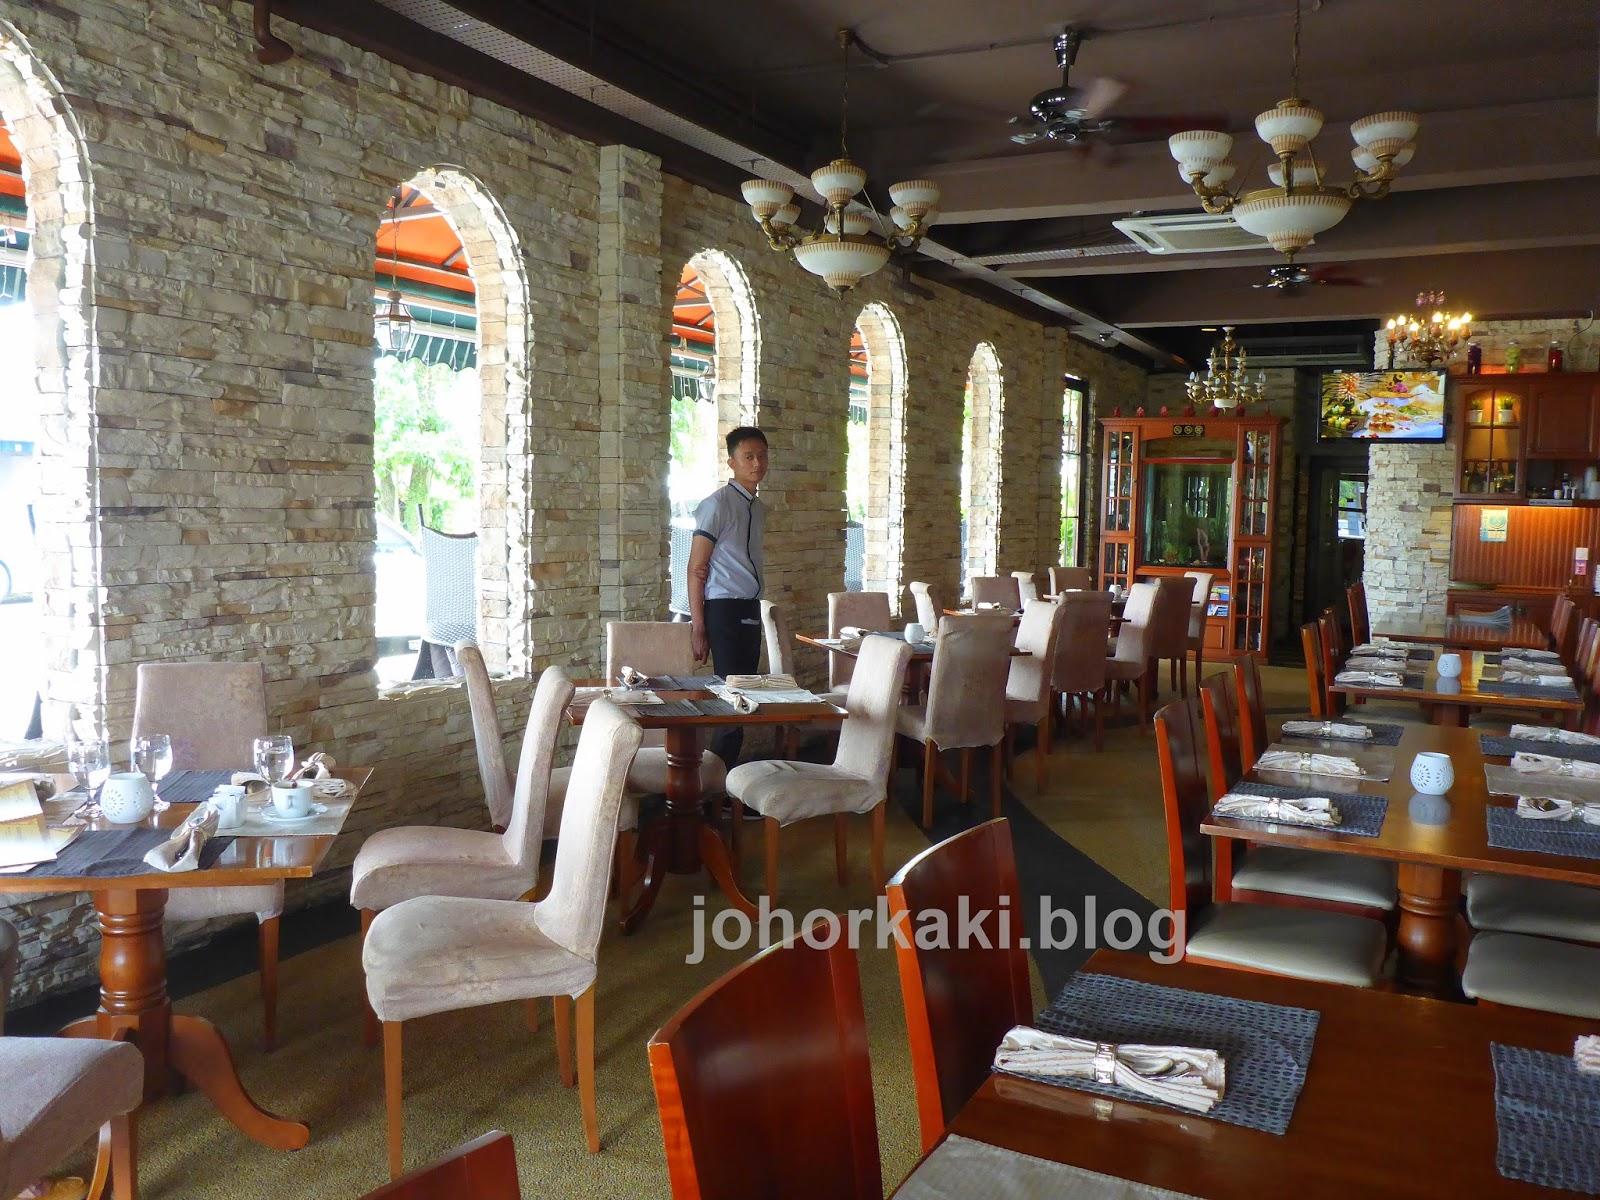 Vilaggio restaurant in skudai johor bahru ⭐⭐⭐ tony